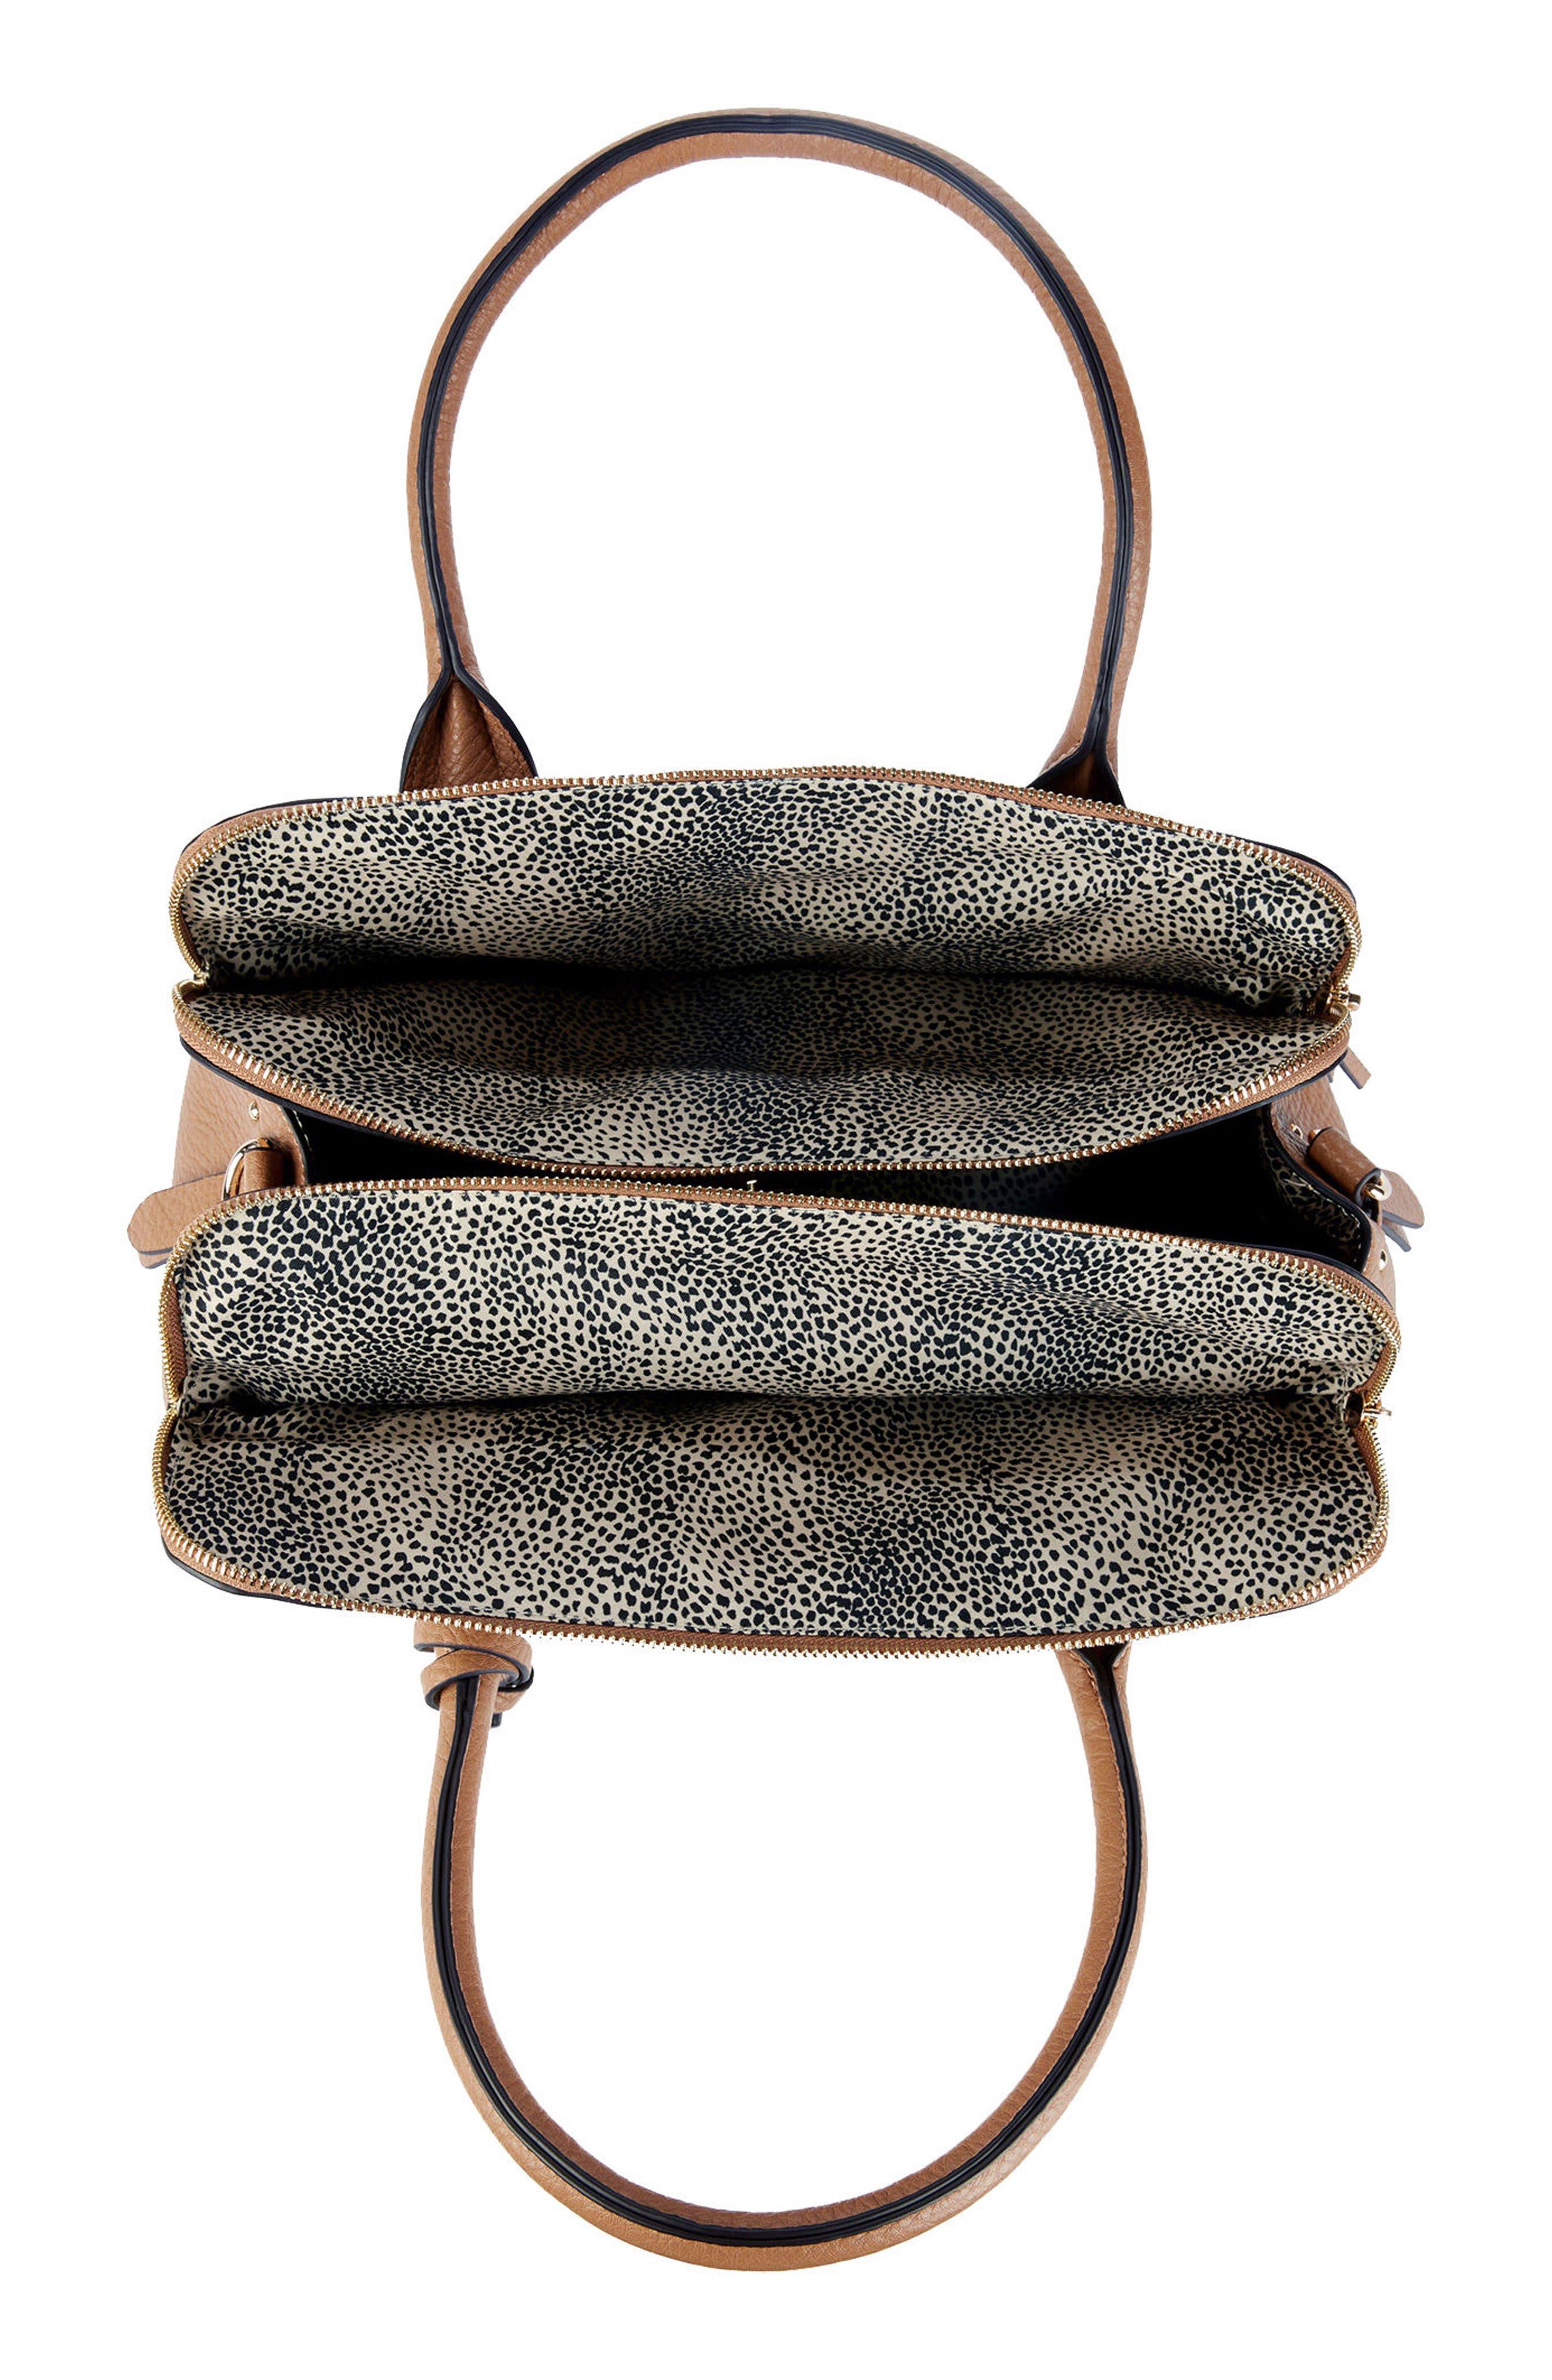 Nera Faux Leather Satchel,                             Alternate thumbnail 3, color,                             230